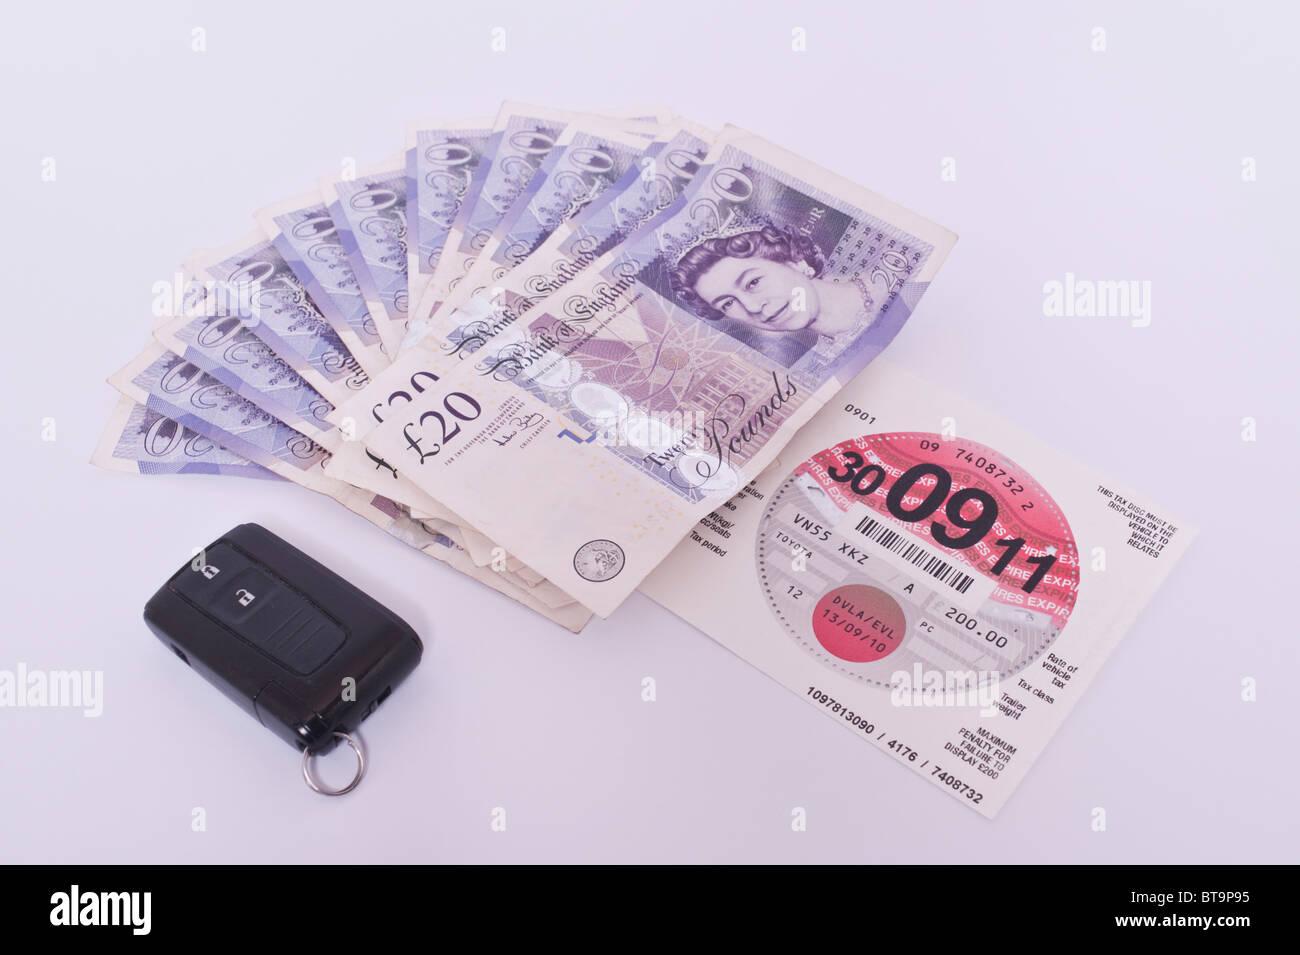 Ein Auto Steuer-CD-Kfz-Zulassung mit 200 Pfund in Bar und Auto Schlüssel auf einem weißen Hintergrund Stockbild